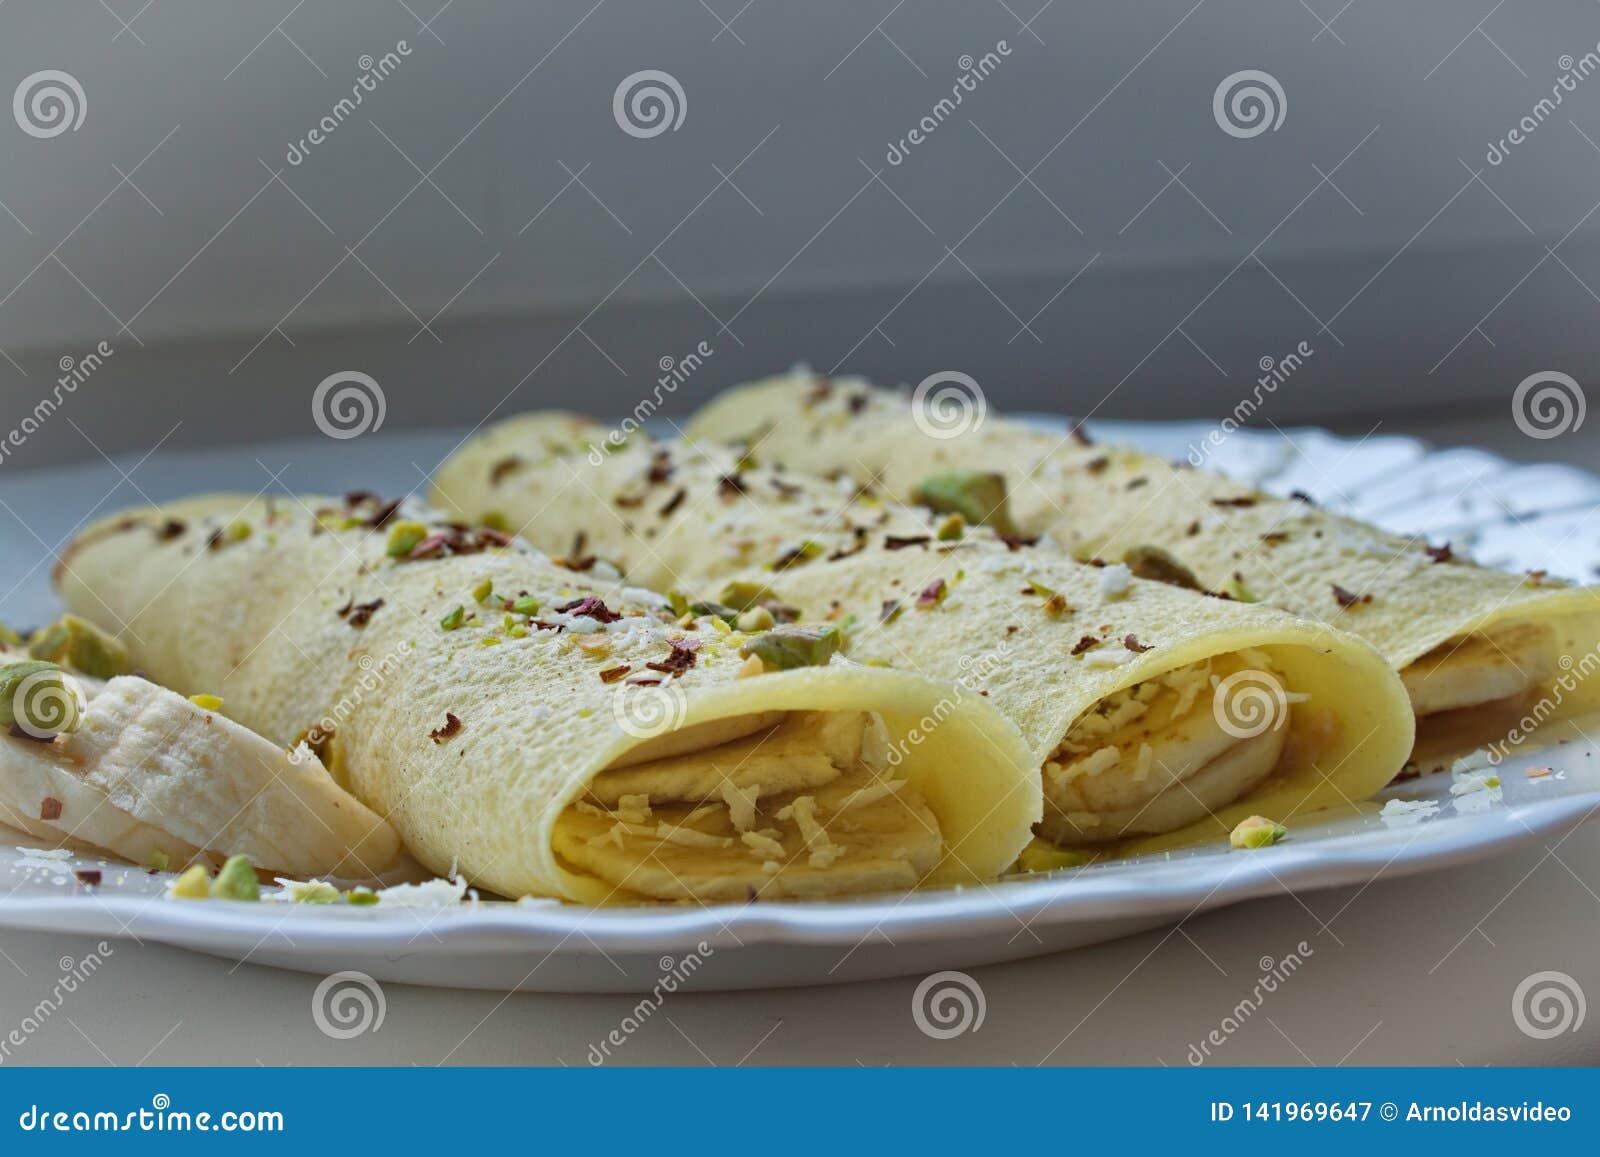 Miękka ostrość zamknięta w górę 3 krepa blinów z masłem orzechowym i banany nakrywający z czekoladą, cocos pistacje i golenia i